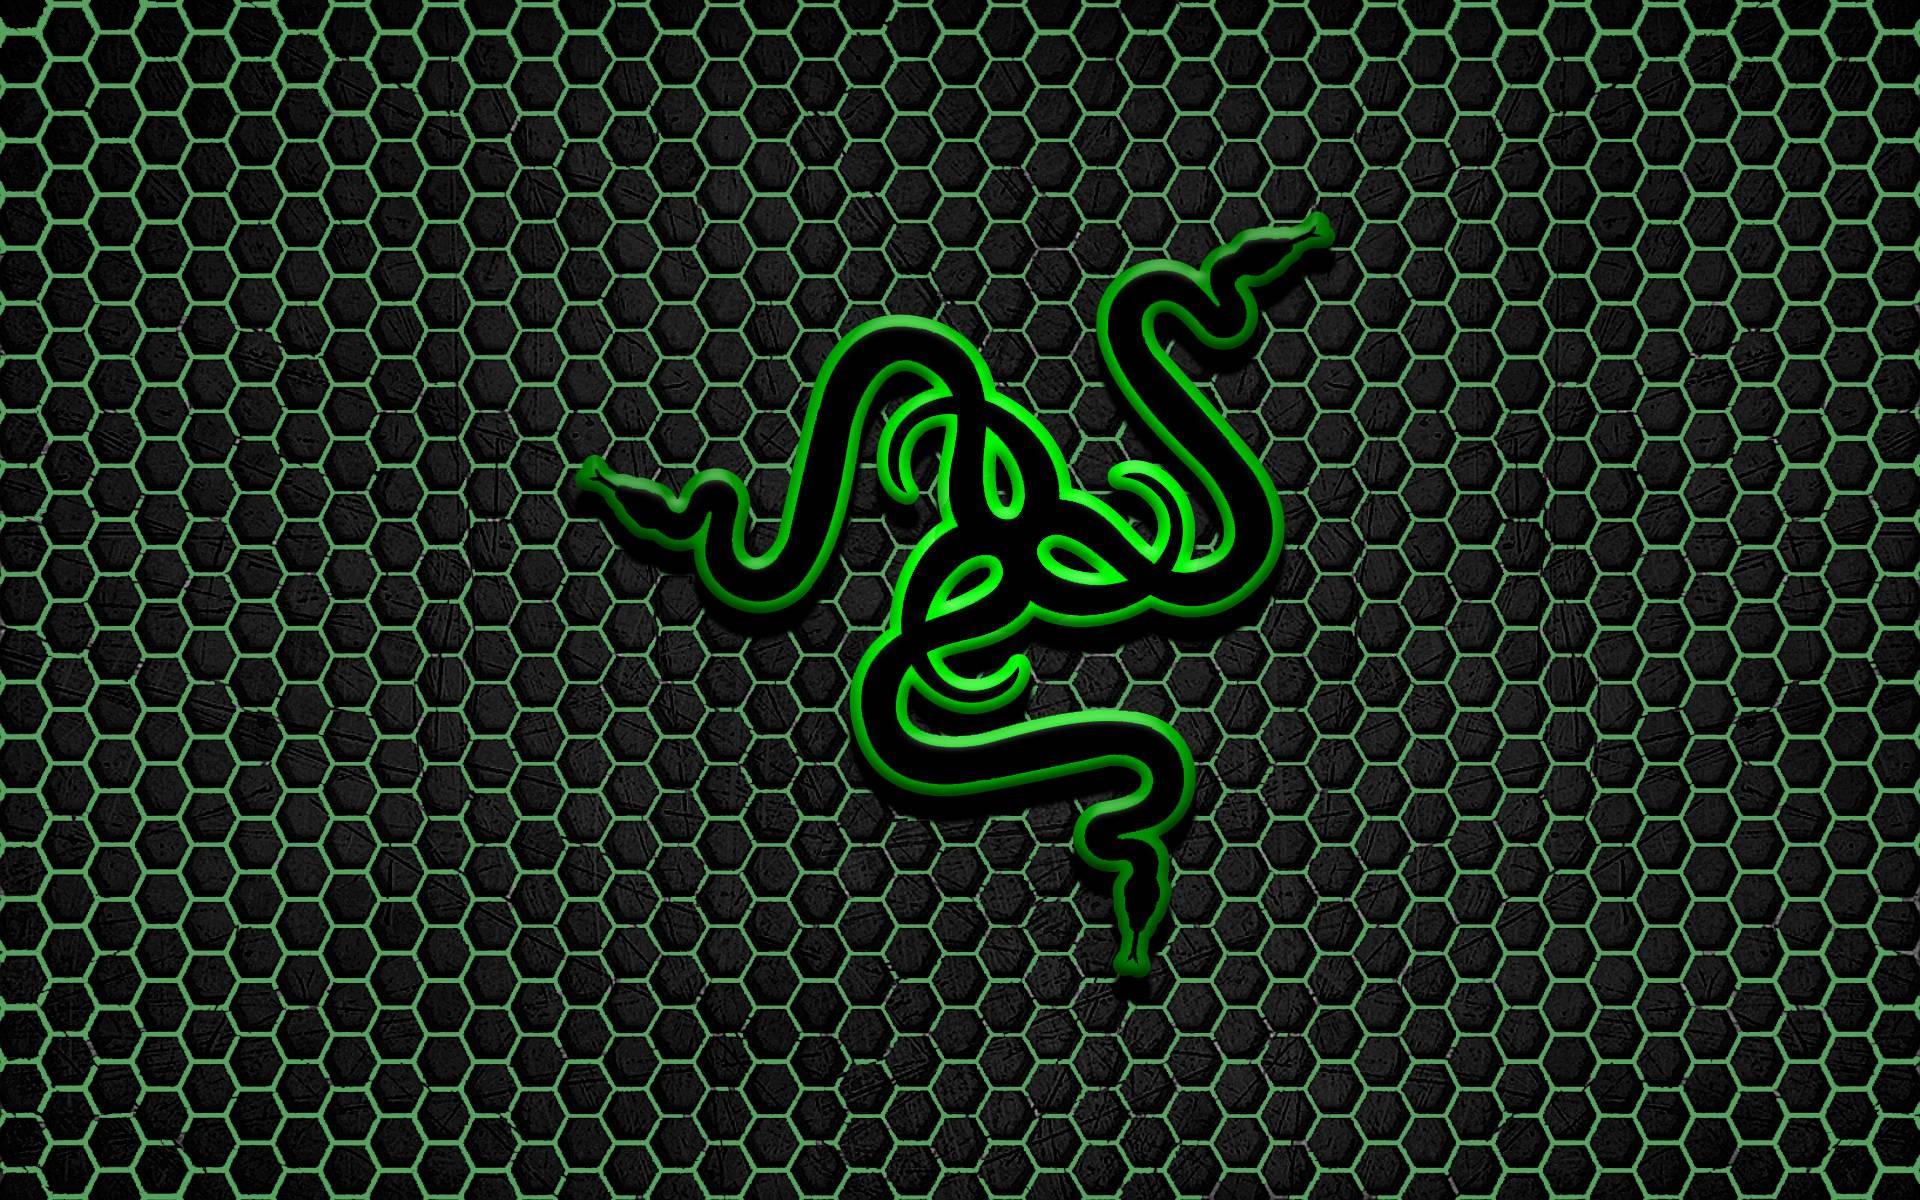 razer computer wallpapers desktop - photo #3